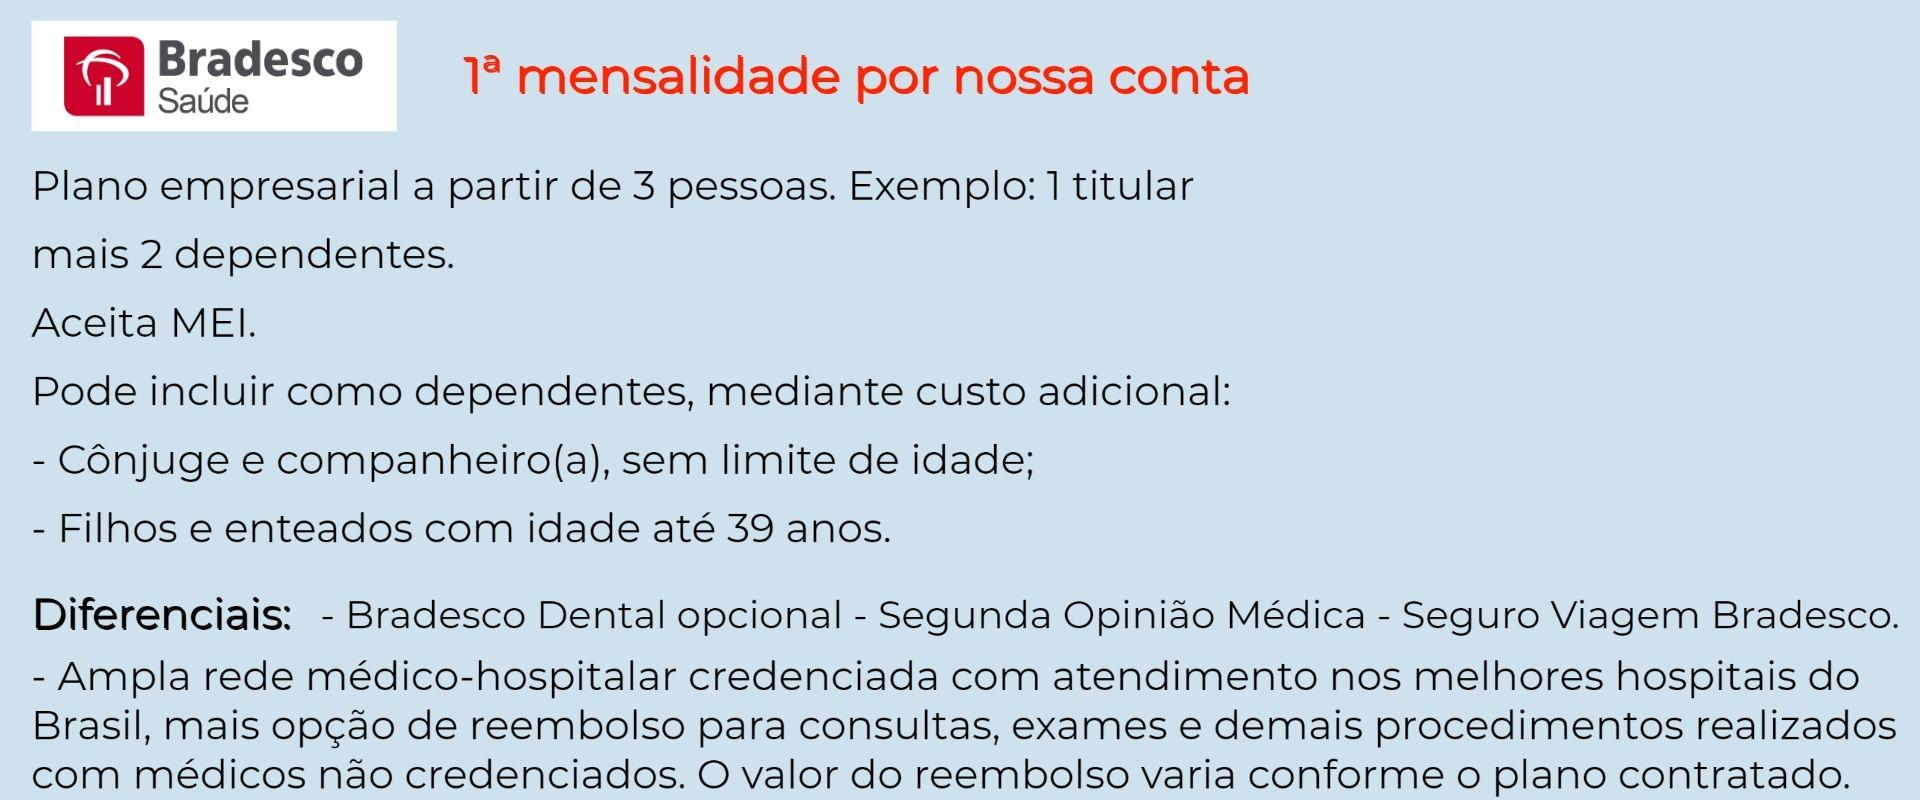 Bradesco Saúde Empresarial - Promissão